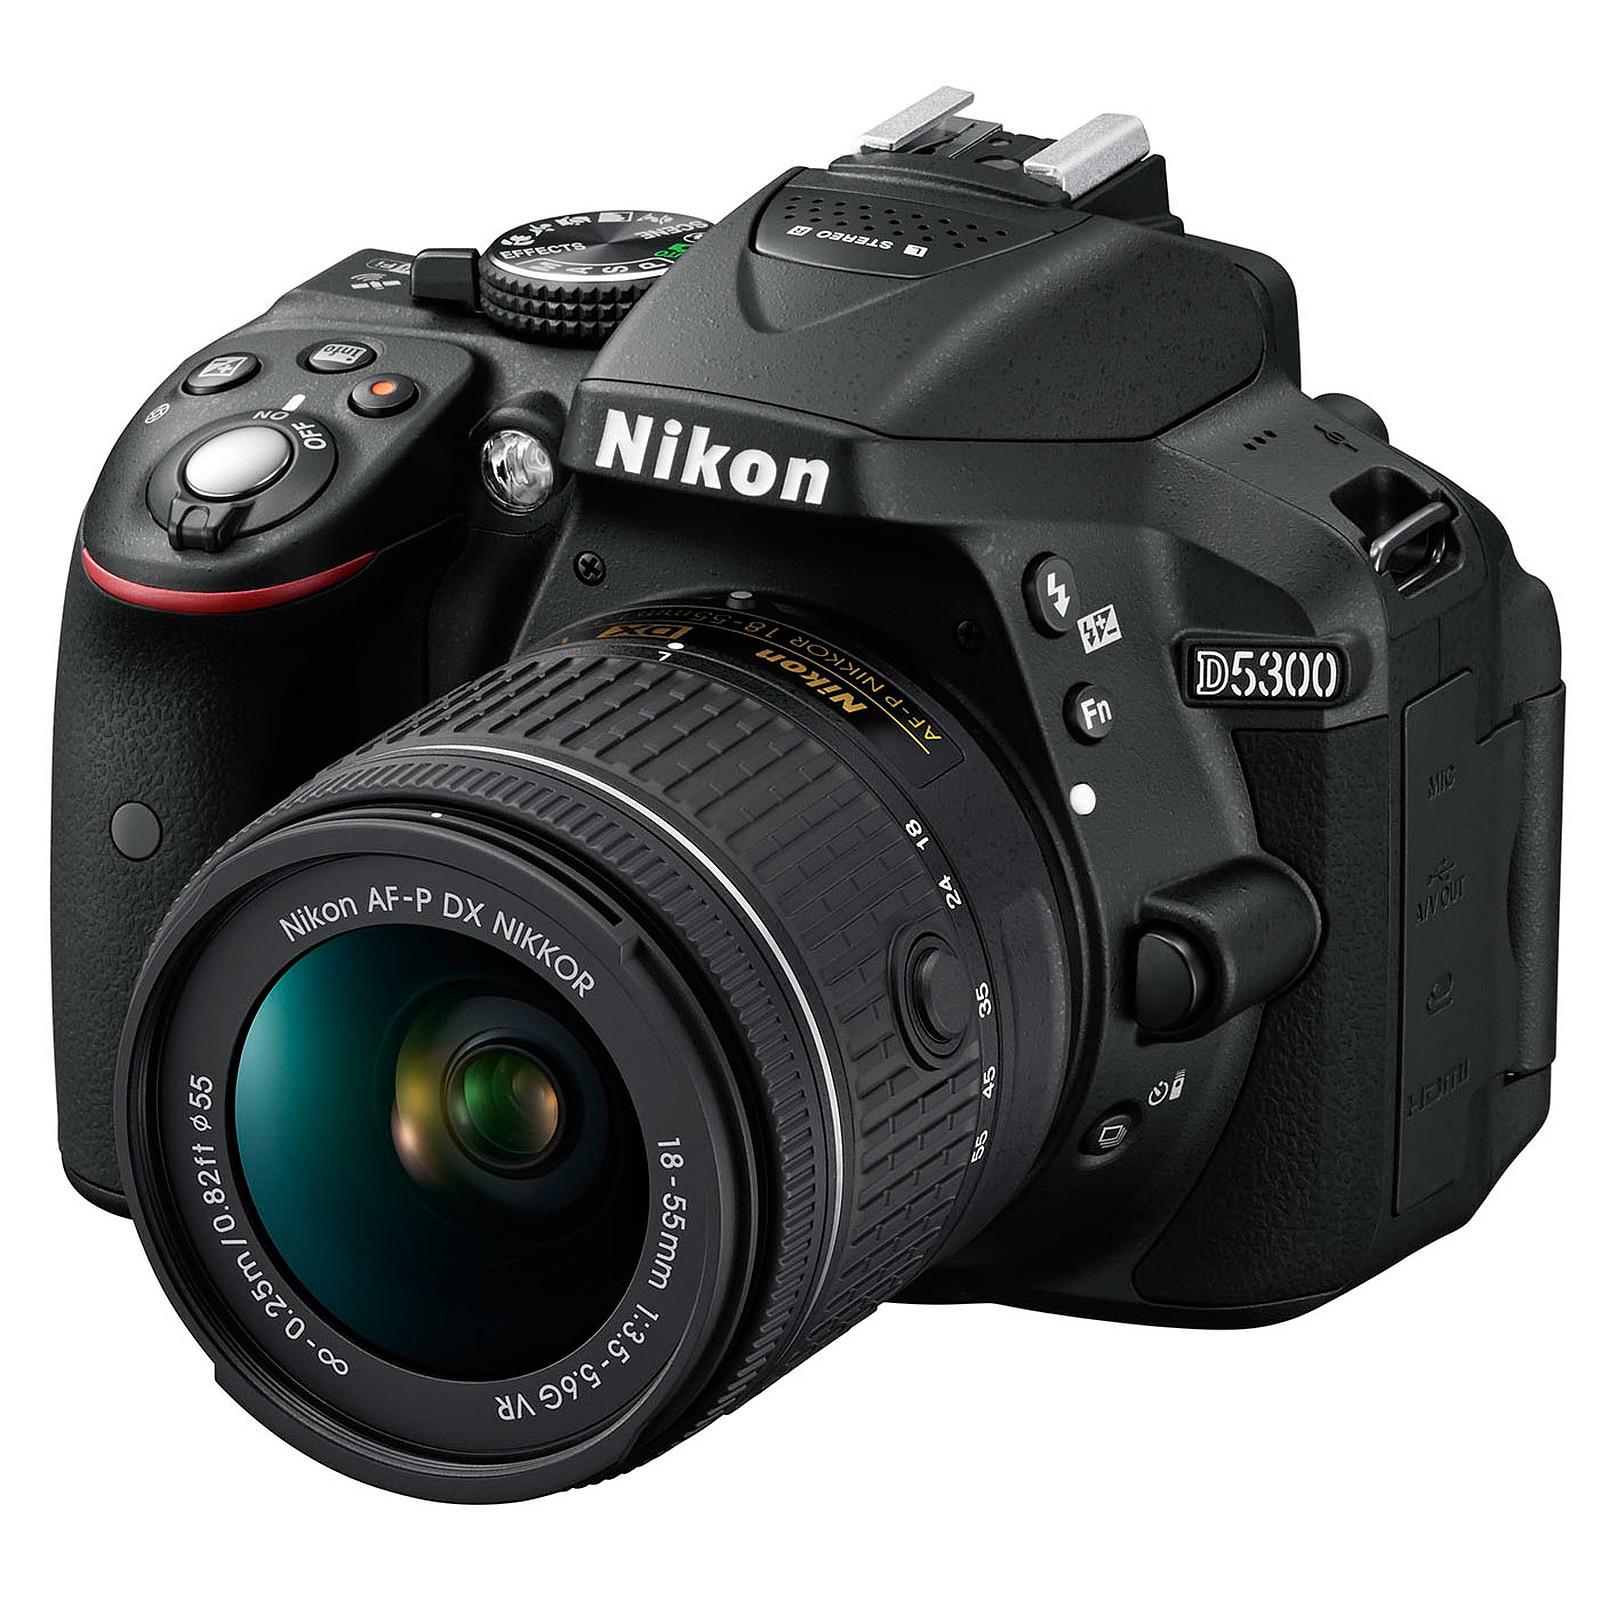 Nikon D5300 + AF-P 18-55MM F/3.5-5.6G VR